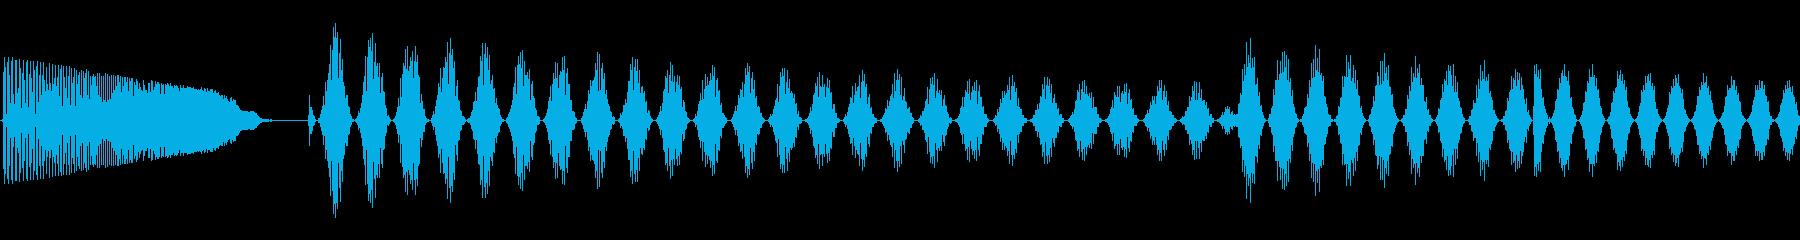 ボタンを押してデバイスが起動するの再生済みの波形